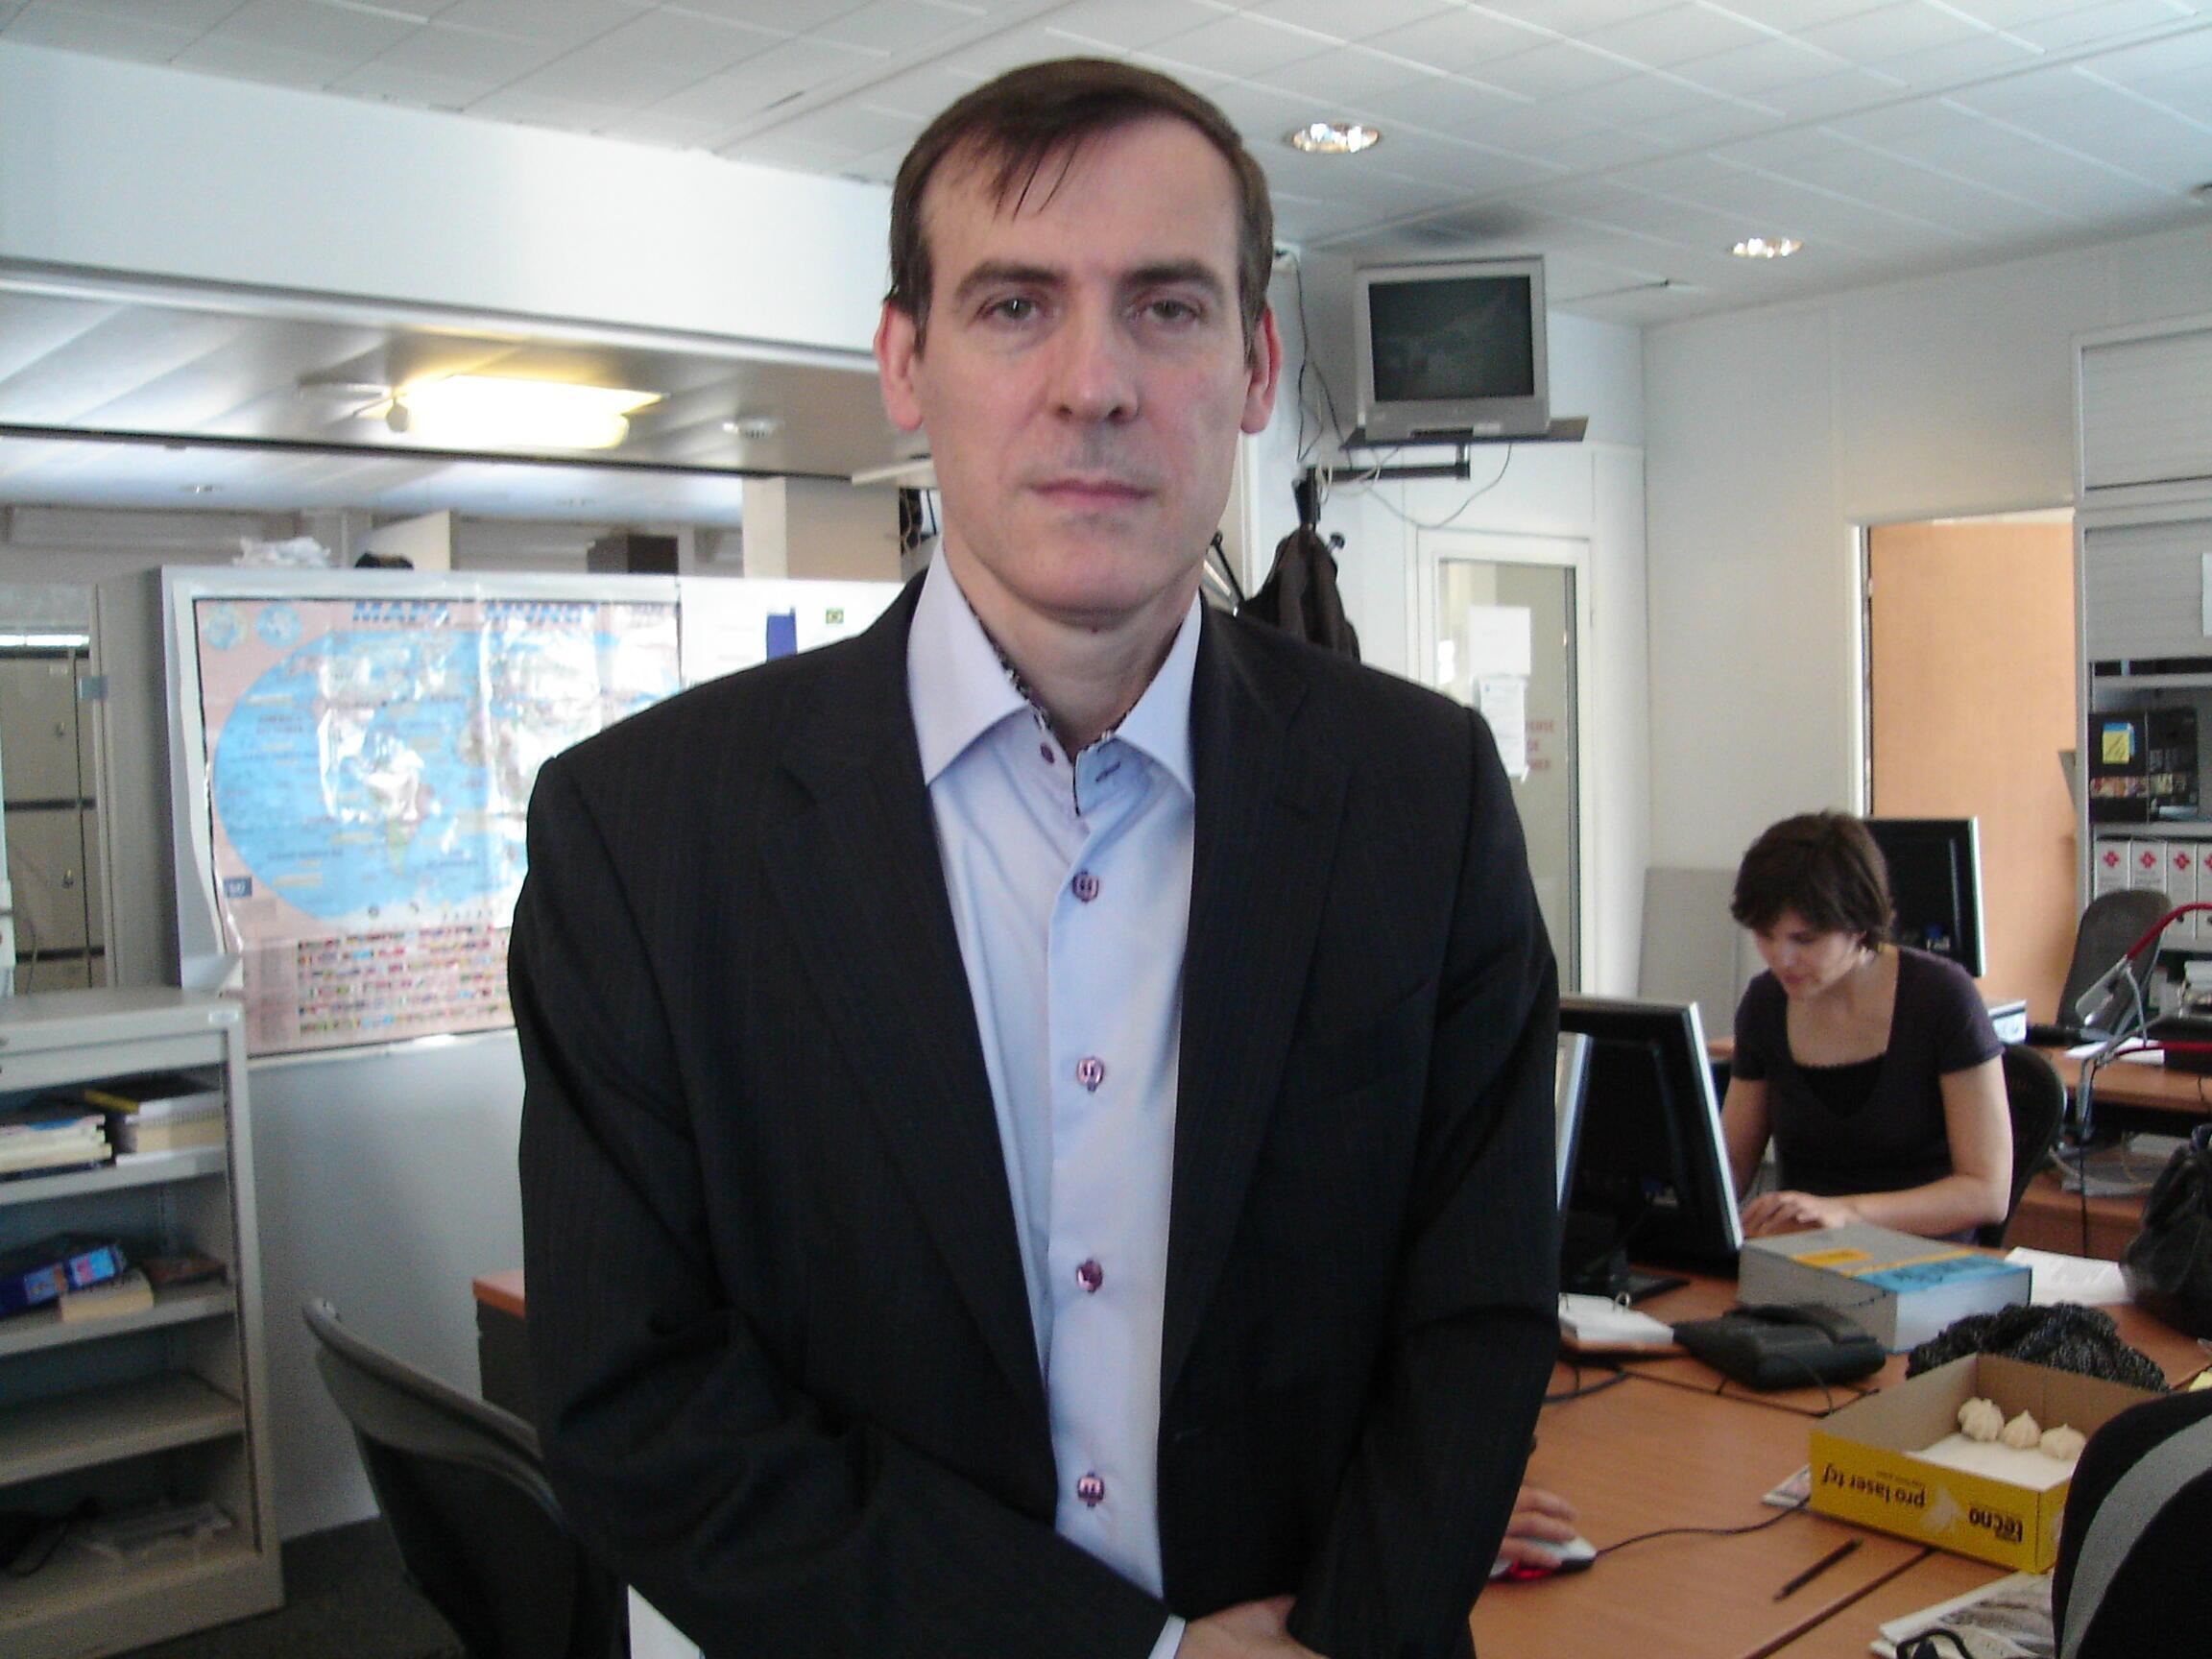 Stéphane Monclaire, cientista político e professor da Universidade Paris 1 - Sorbonne.